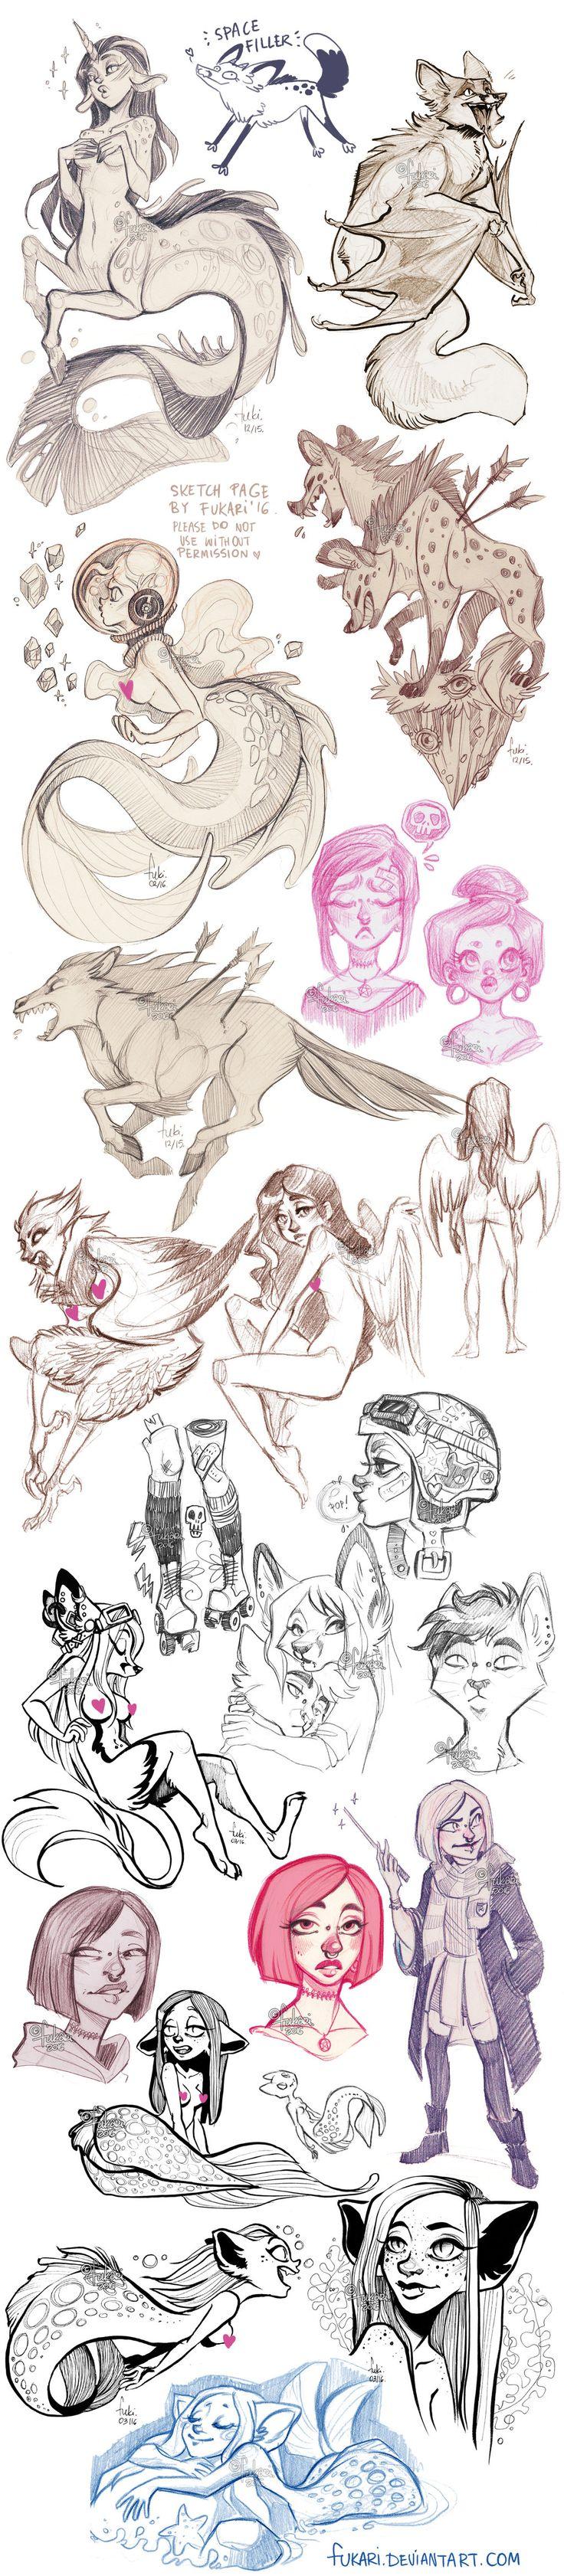 sketch dump of randomness by Fukari on DeviantArt